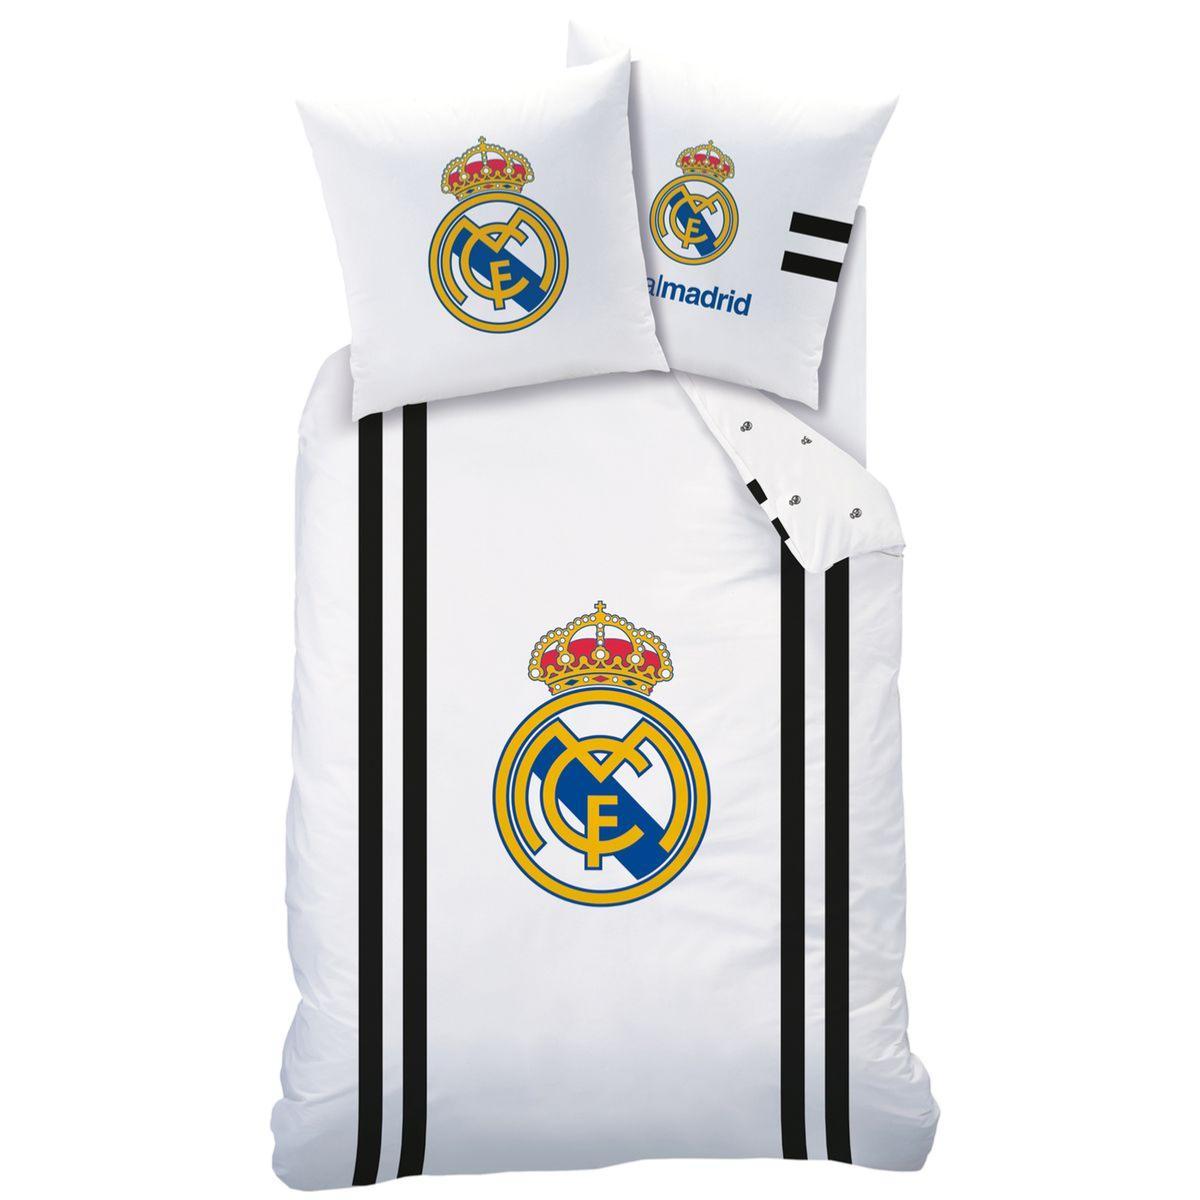 Couette 1 Personne Taille.Housse De Couette Real Madrid 140x200cm 1 Personne 100 Coton Taille Francaise